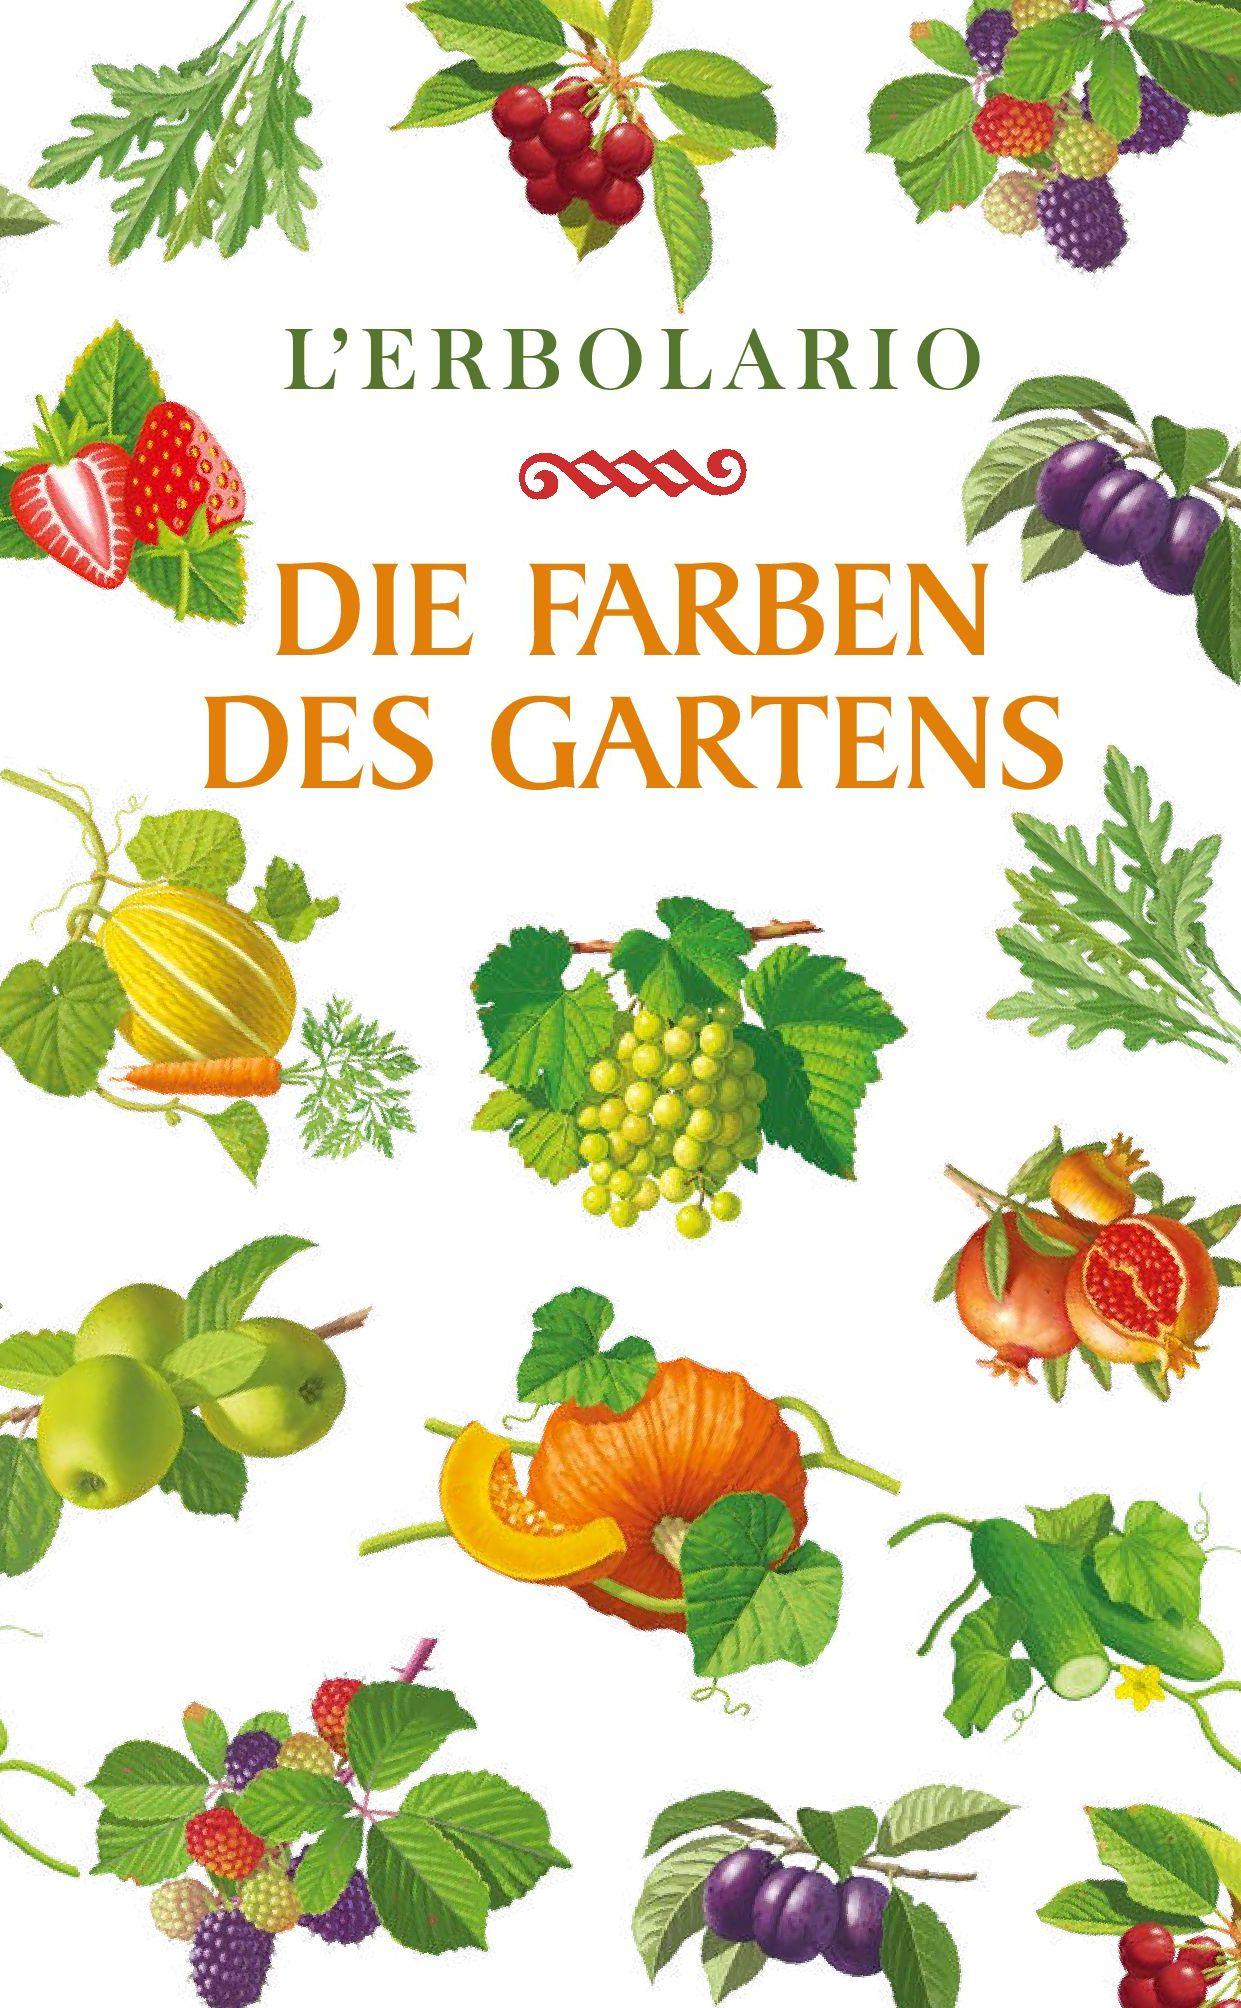 Broschüre die Farben des Gartens